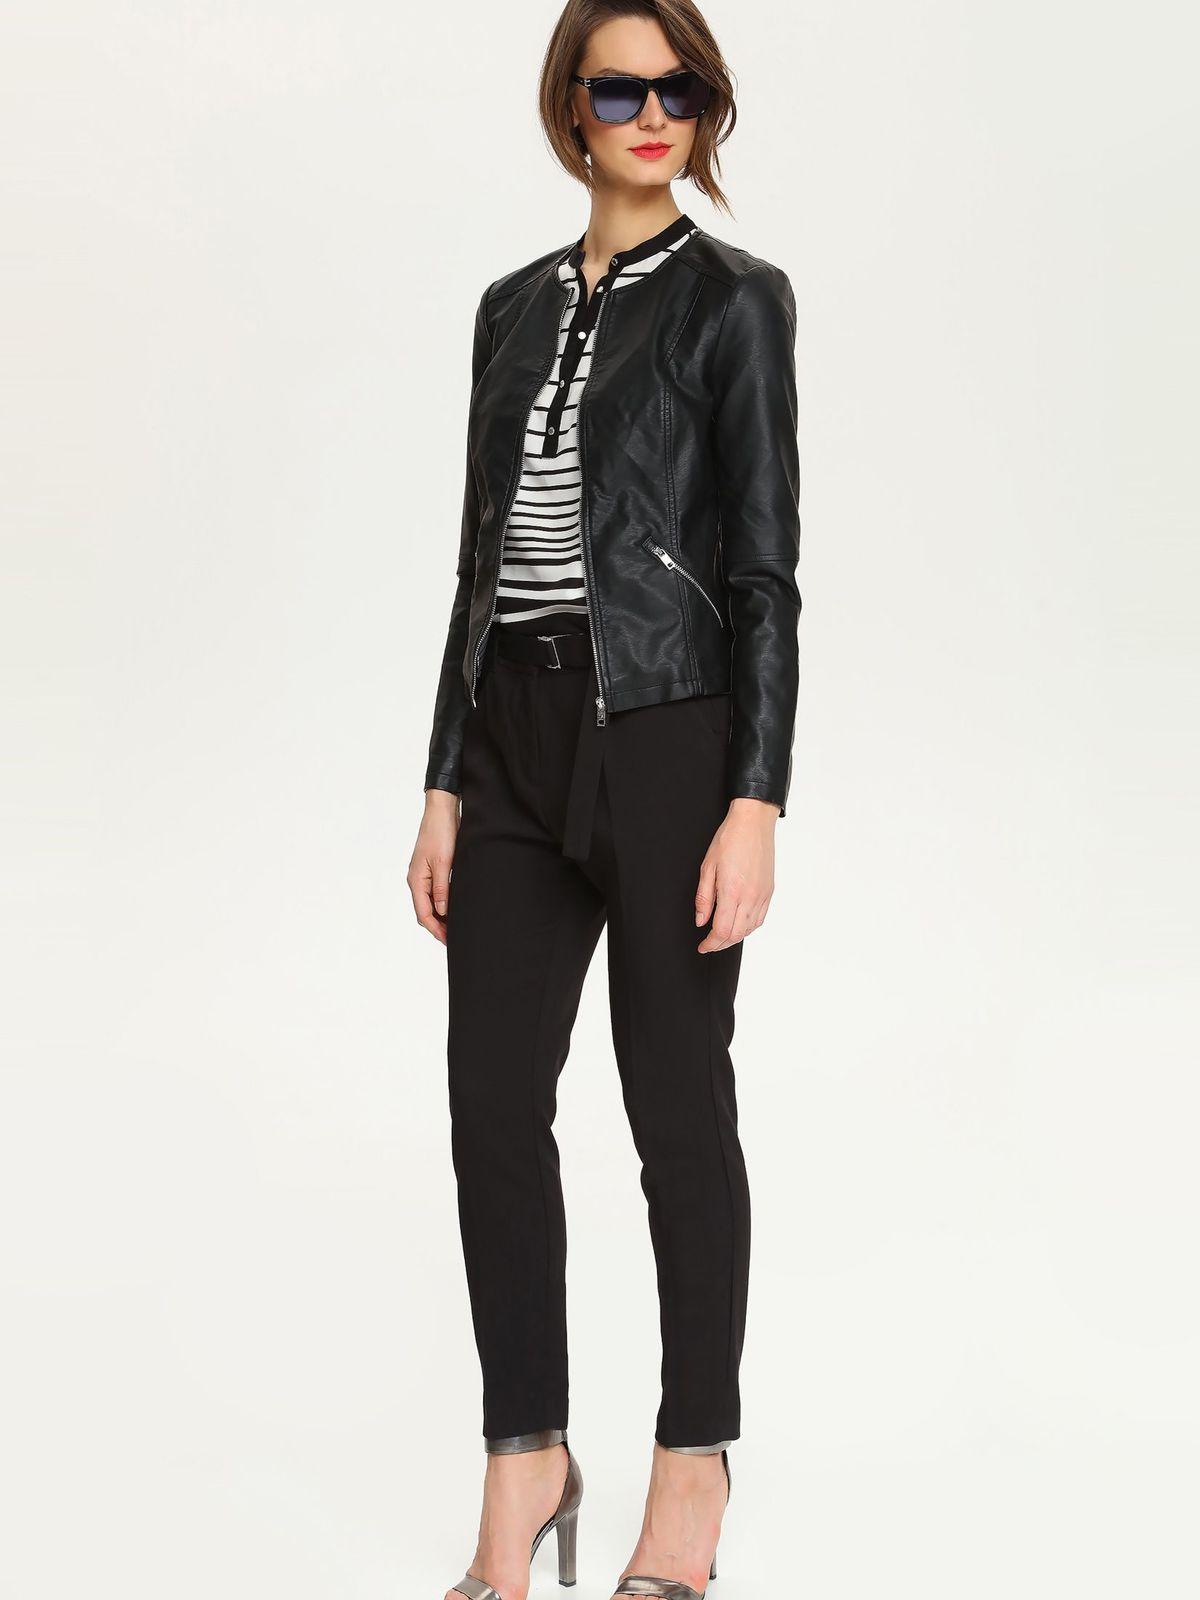 КурткаSKU0673CAСтильная женская куртка Top Secret, изготовленная из полиуретана, смотрится модно и свежо. Куртка с круглым вырезом горловины и длинными рукавами застегивается на застежку-молнию. Спереди модель дополнена двумя прорезными карманами на застежках-молниях. Низ рукавов оформлен декоративными застежками-молниями. Такая куртка обеспечит вам не только красивый внешний вид и комфорт, но и дополнительную защиту от прохладной погоды.